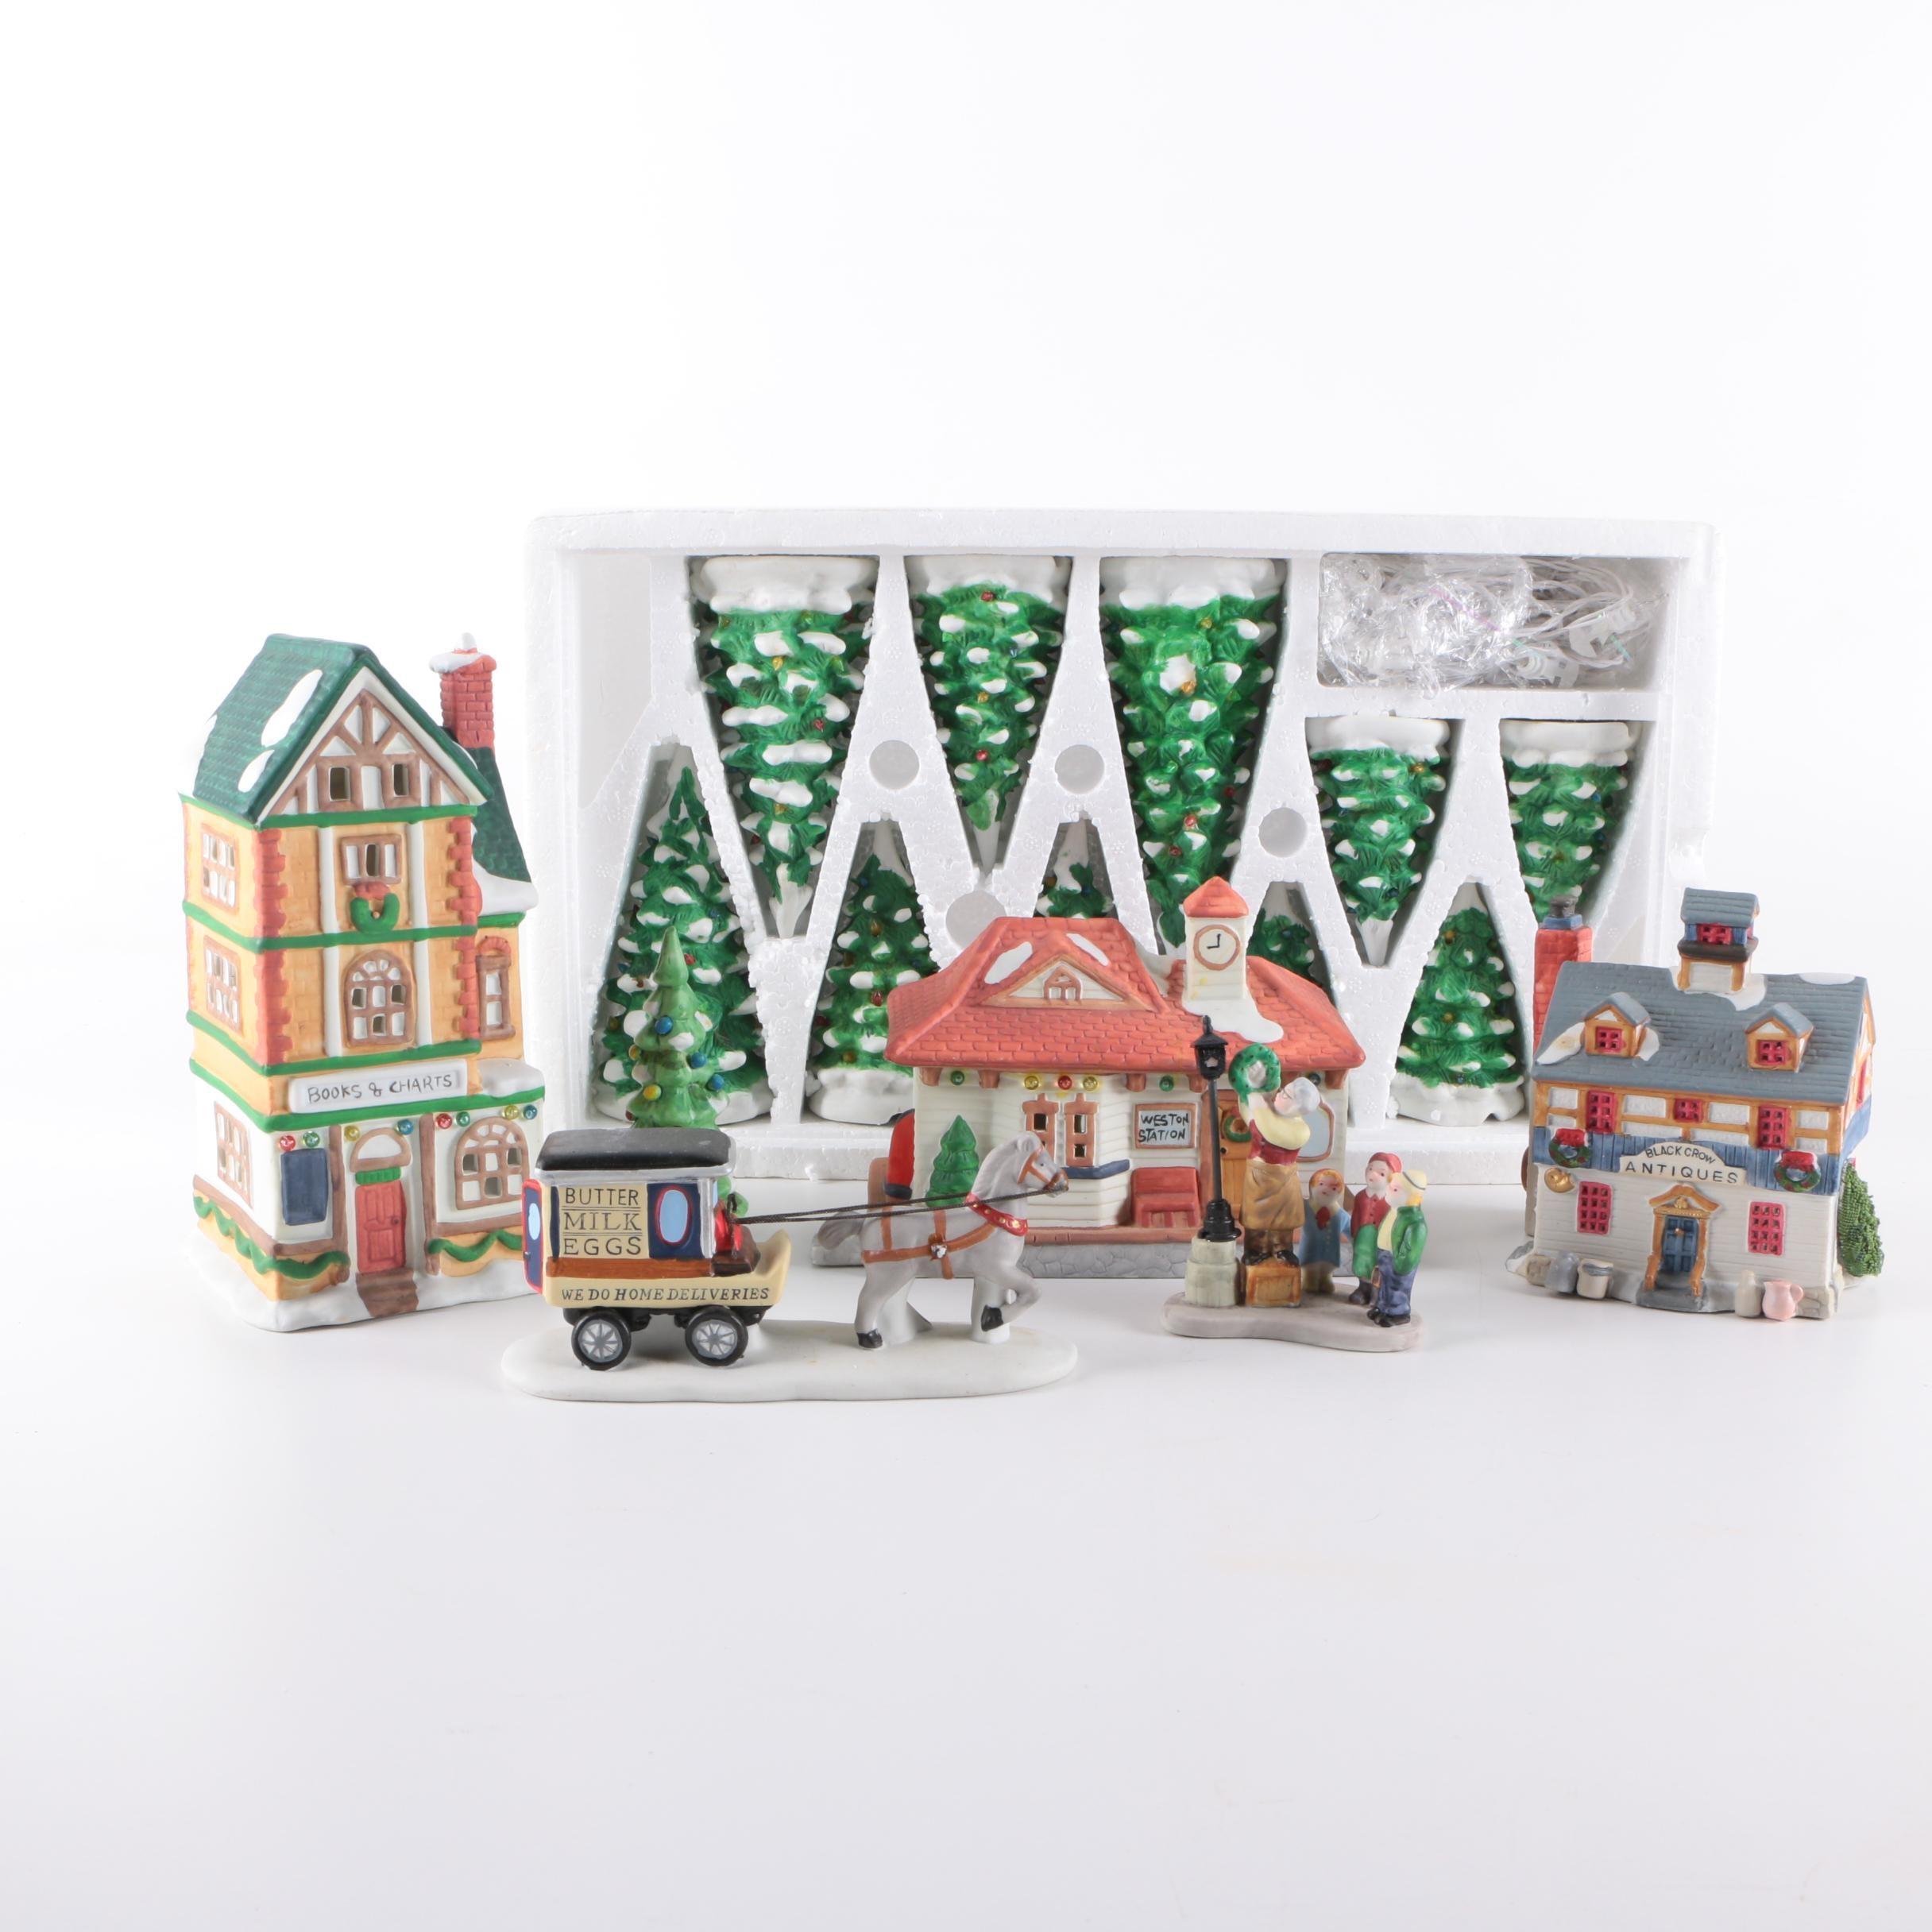 Lemax Christmas Houses and Decor